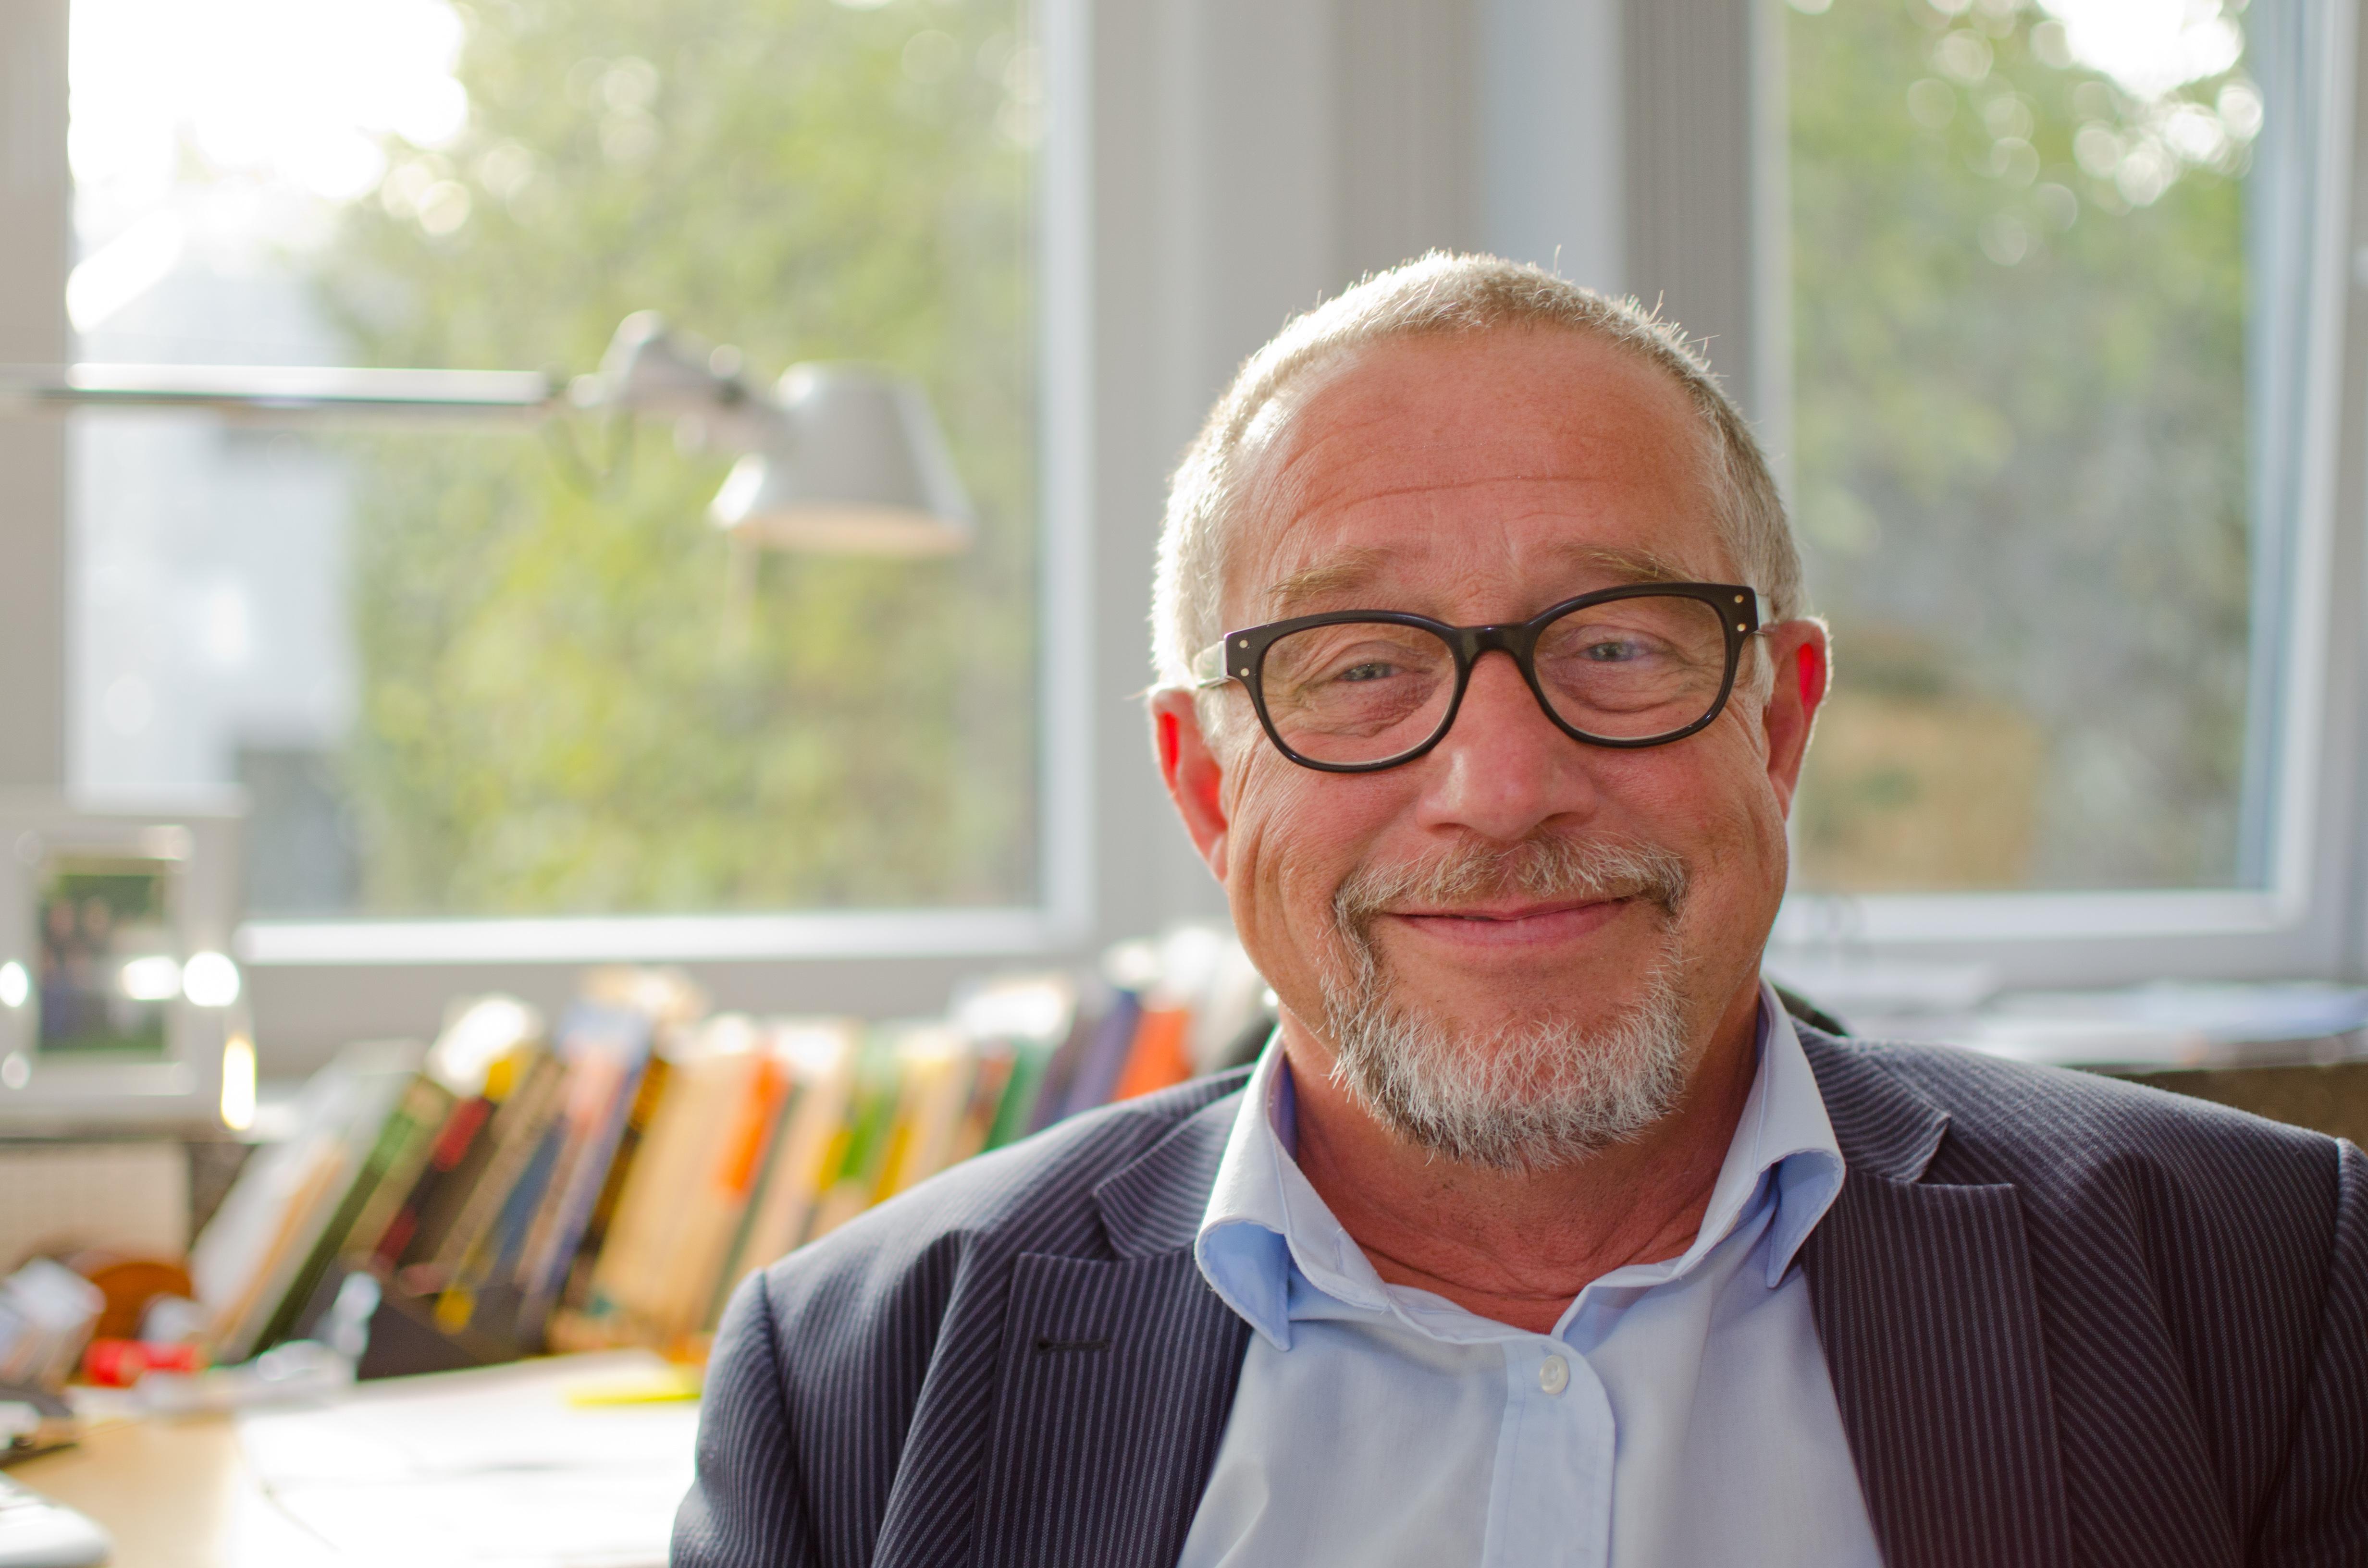 Gerd Kube